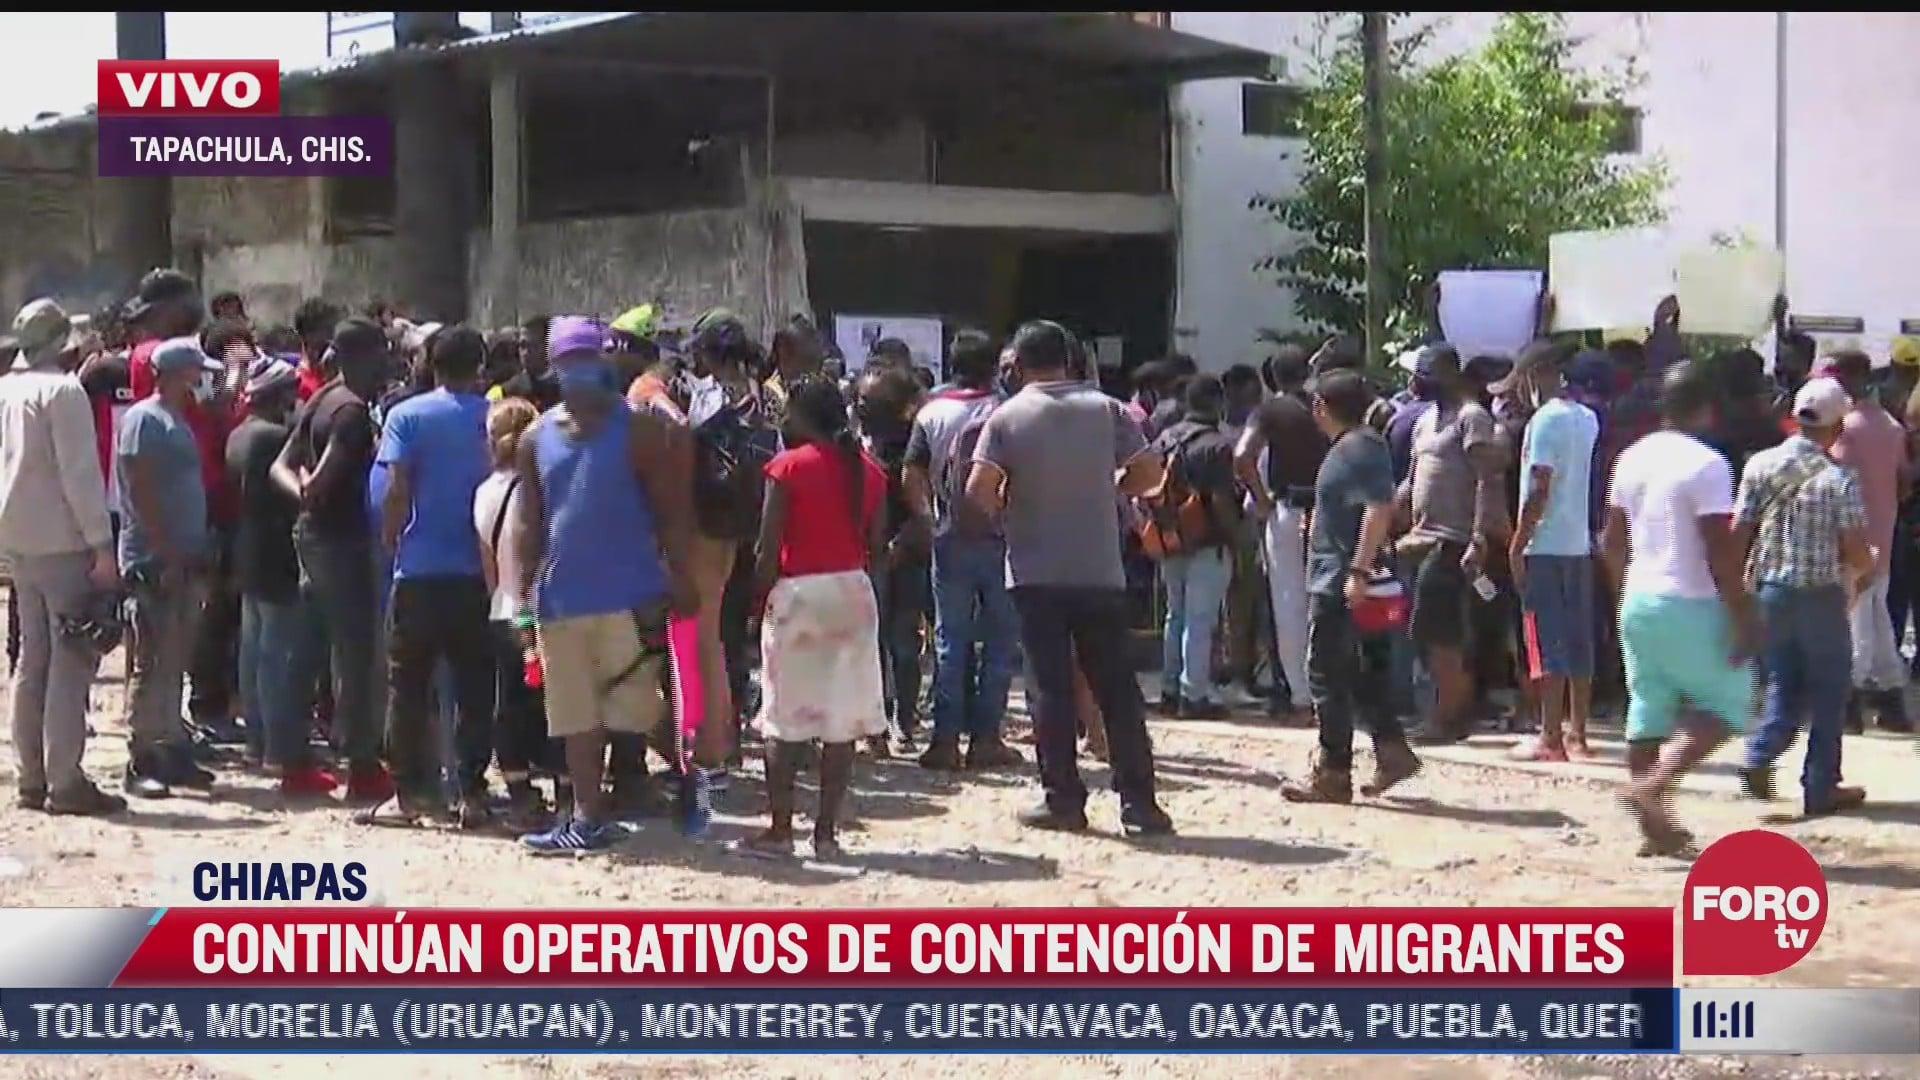 migrantes haitianos protestan para agilizar tramites de refugiados en chiapas